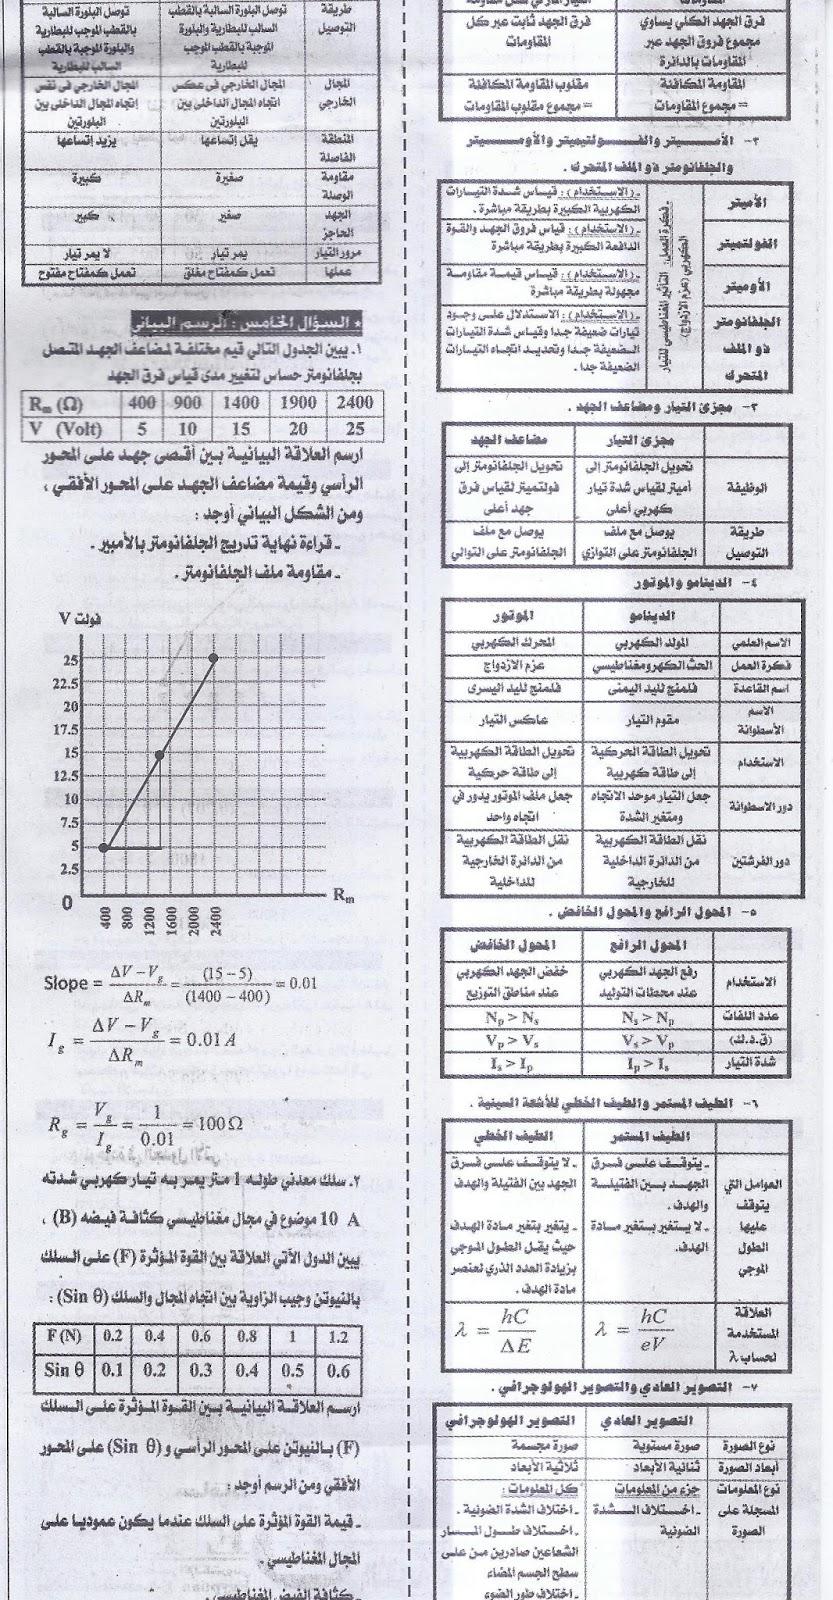 بنك توقعات الفيزياء للثانوية العامة.. ملحق الجمهورية الجزء الثاني 8